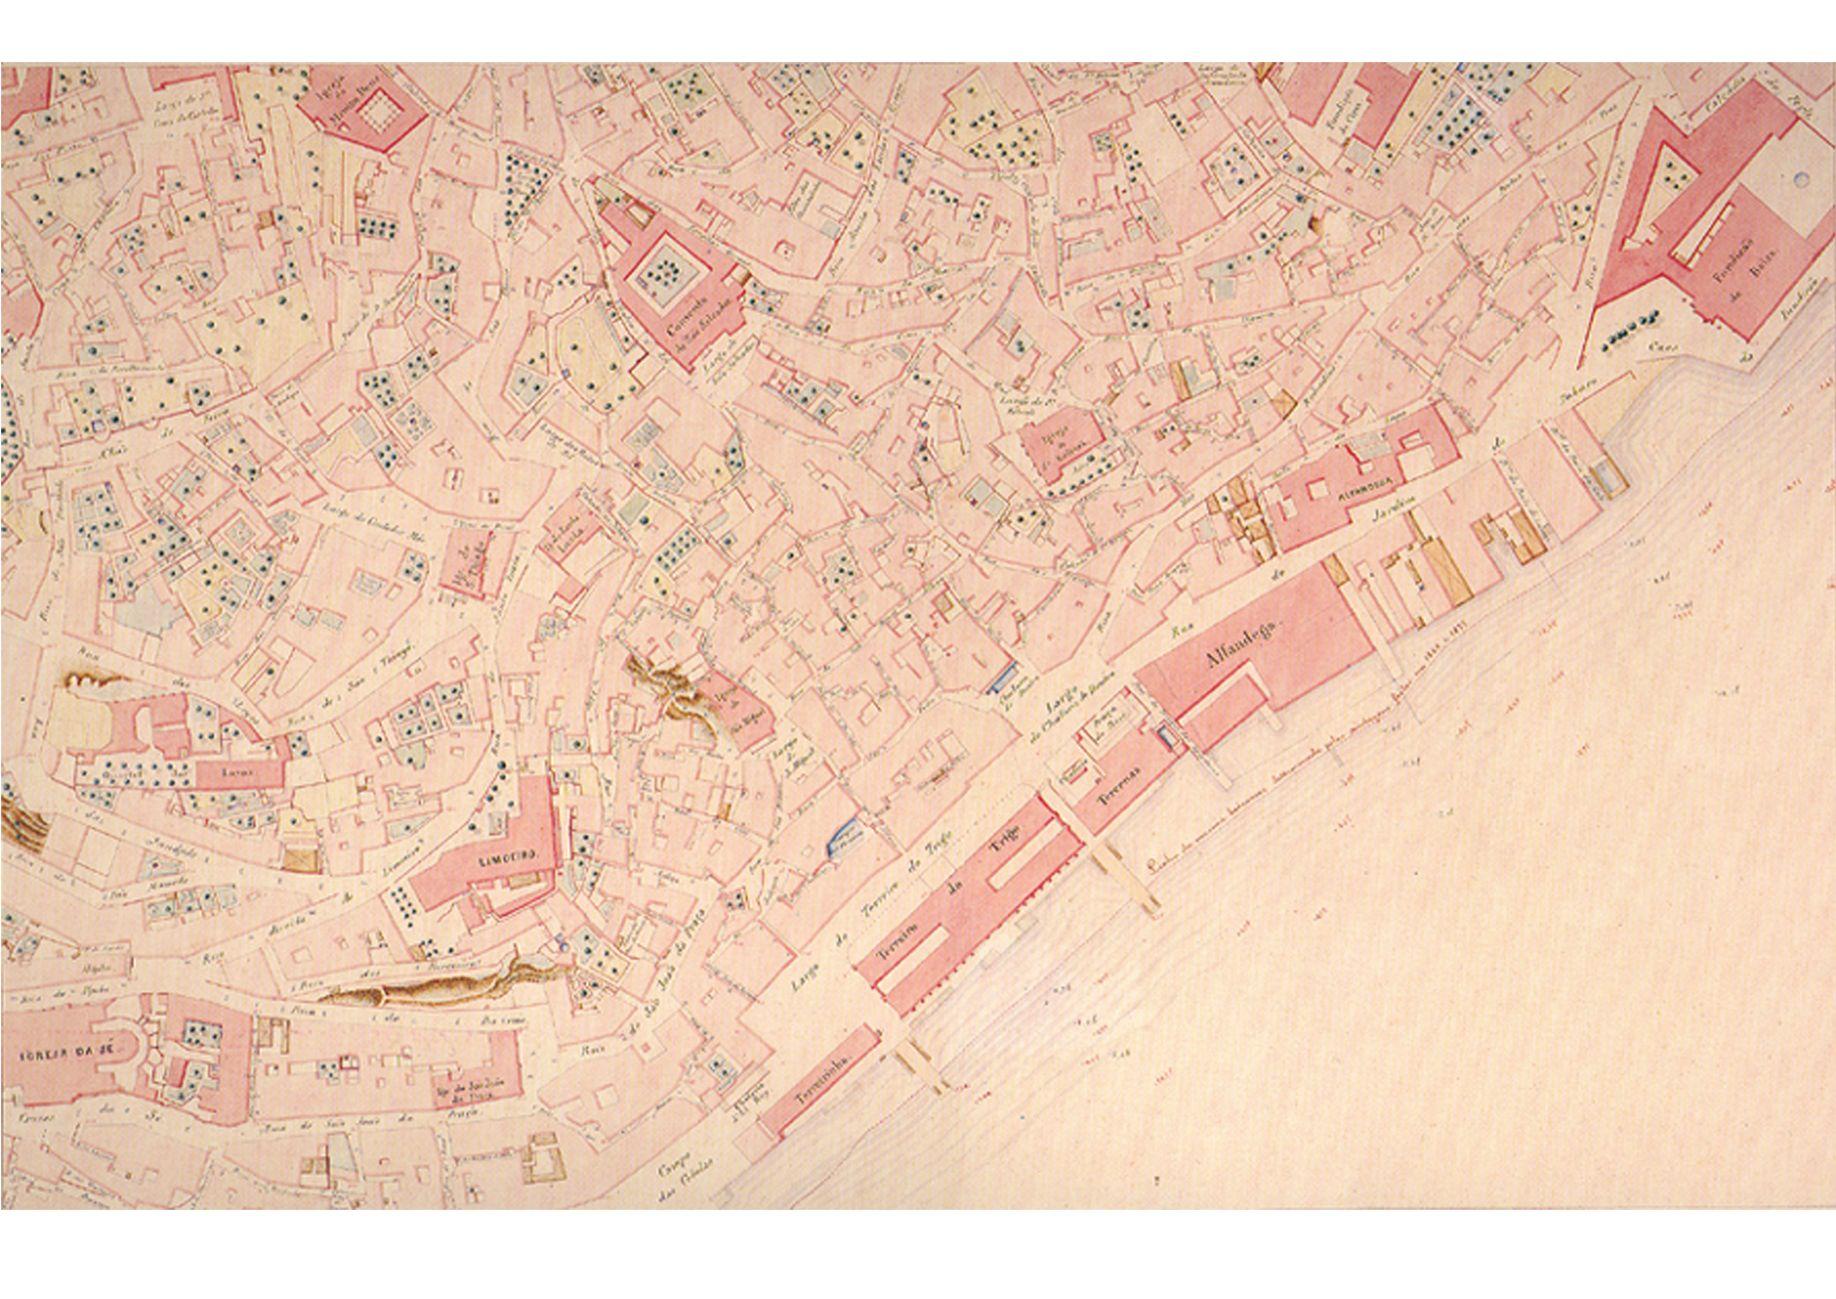 carta de Lisboa de 1856 por Filipe Folque - detalhe de Alfama